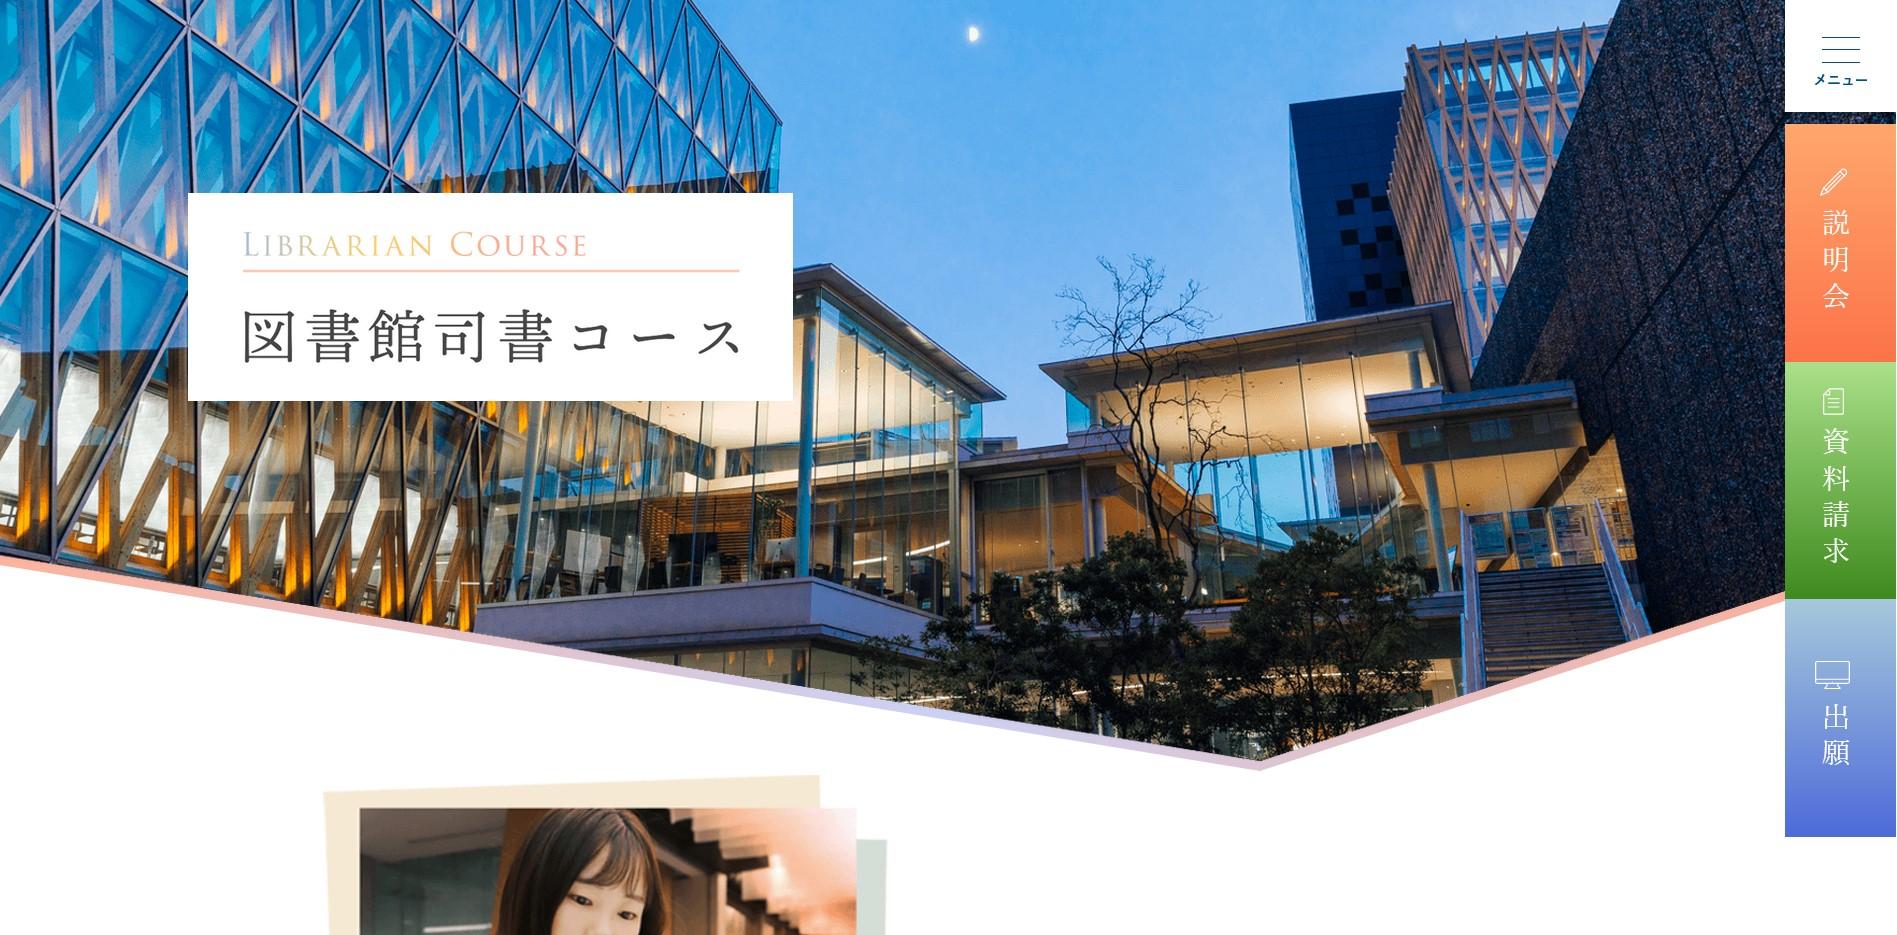 近畿大学通信教育部の司書コース特設ページ